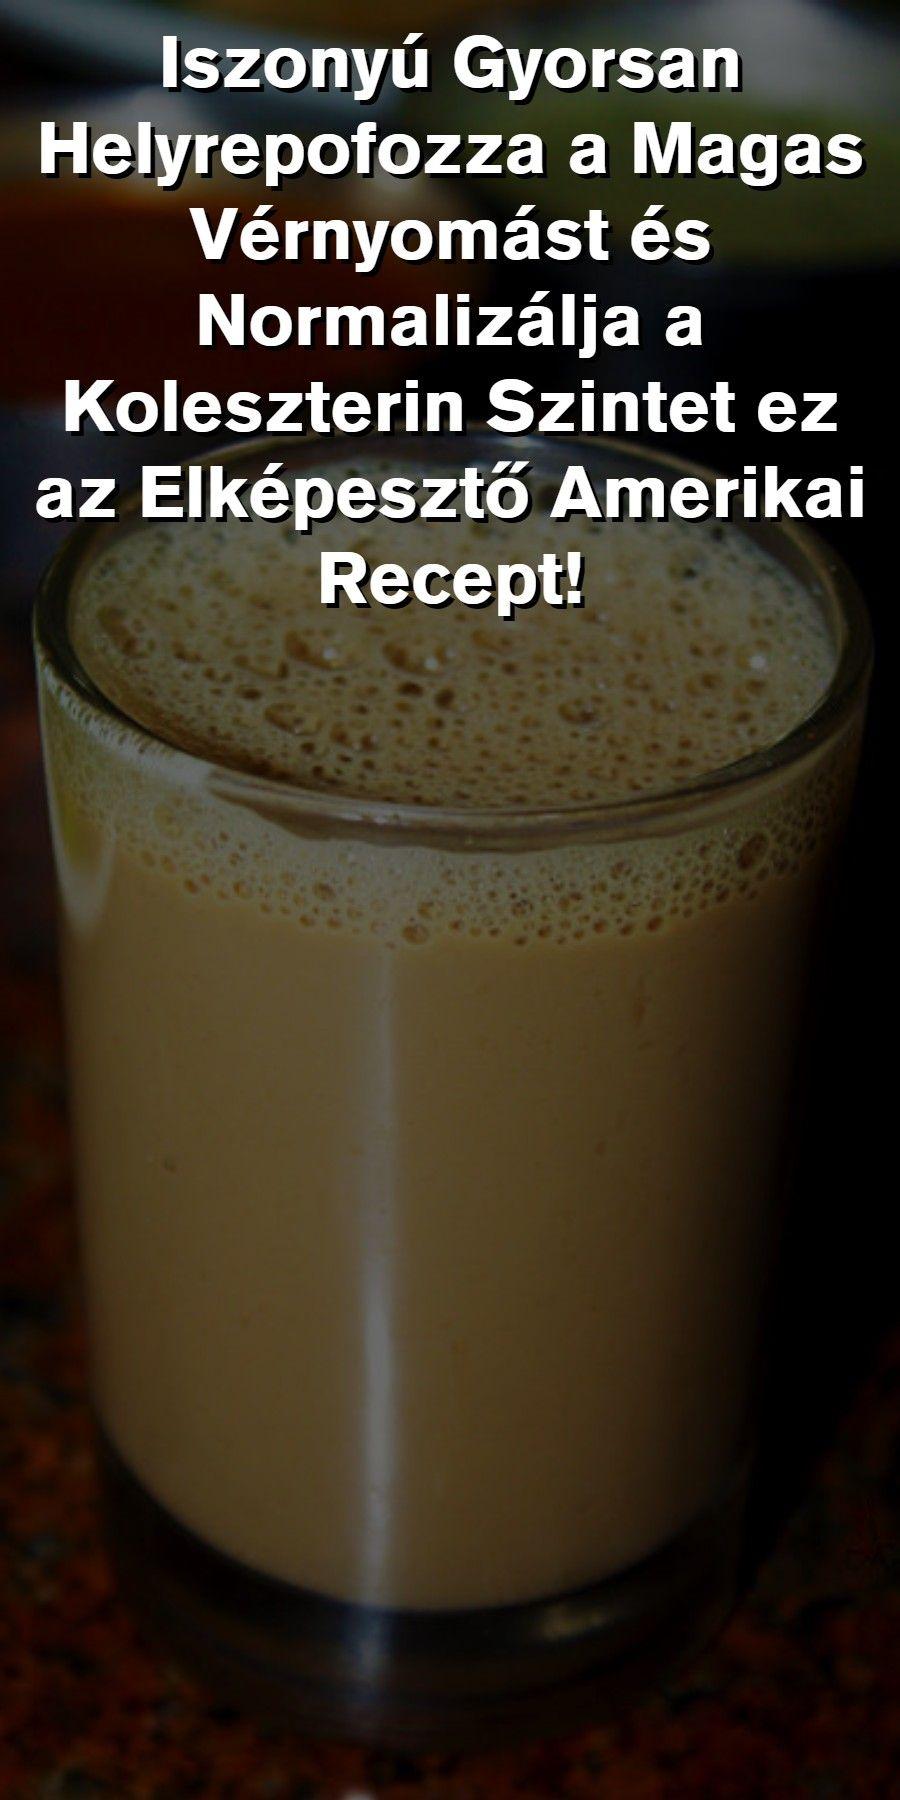 magas vérnyomás és népi receptek)